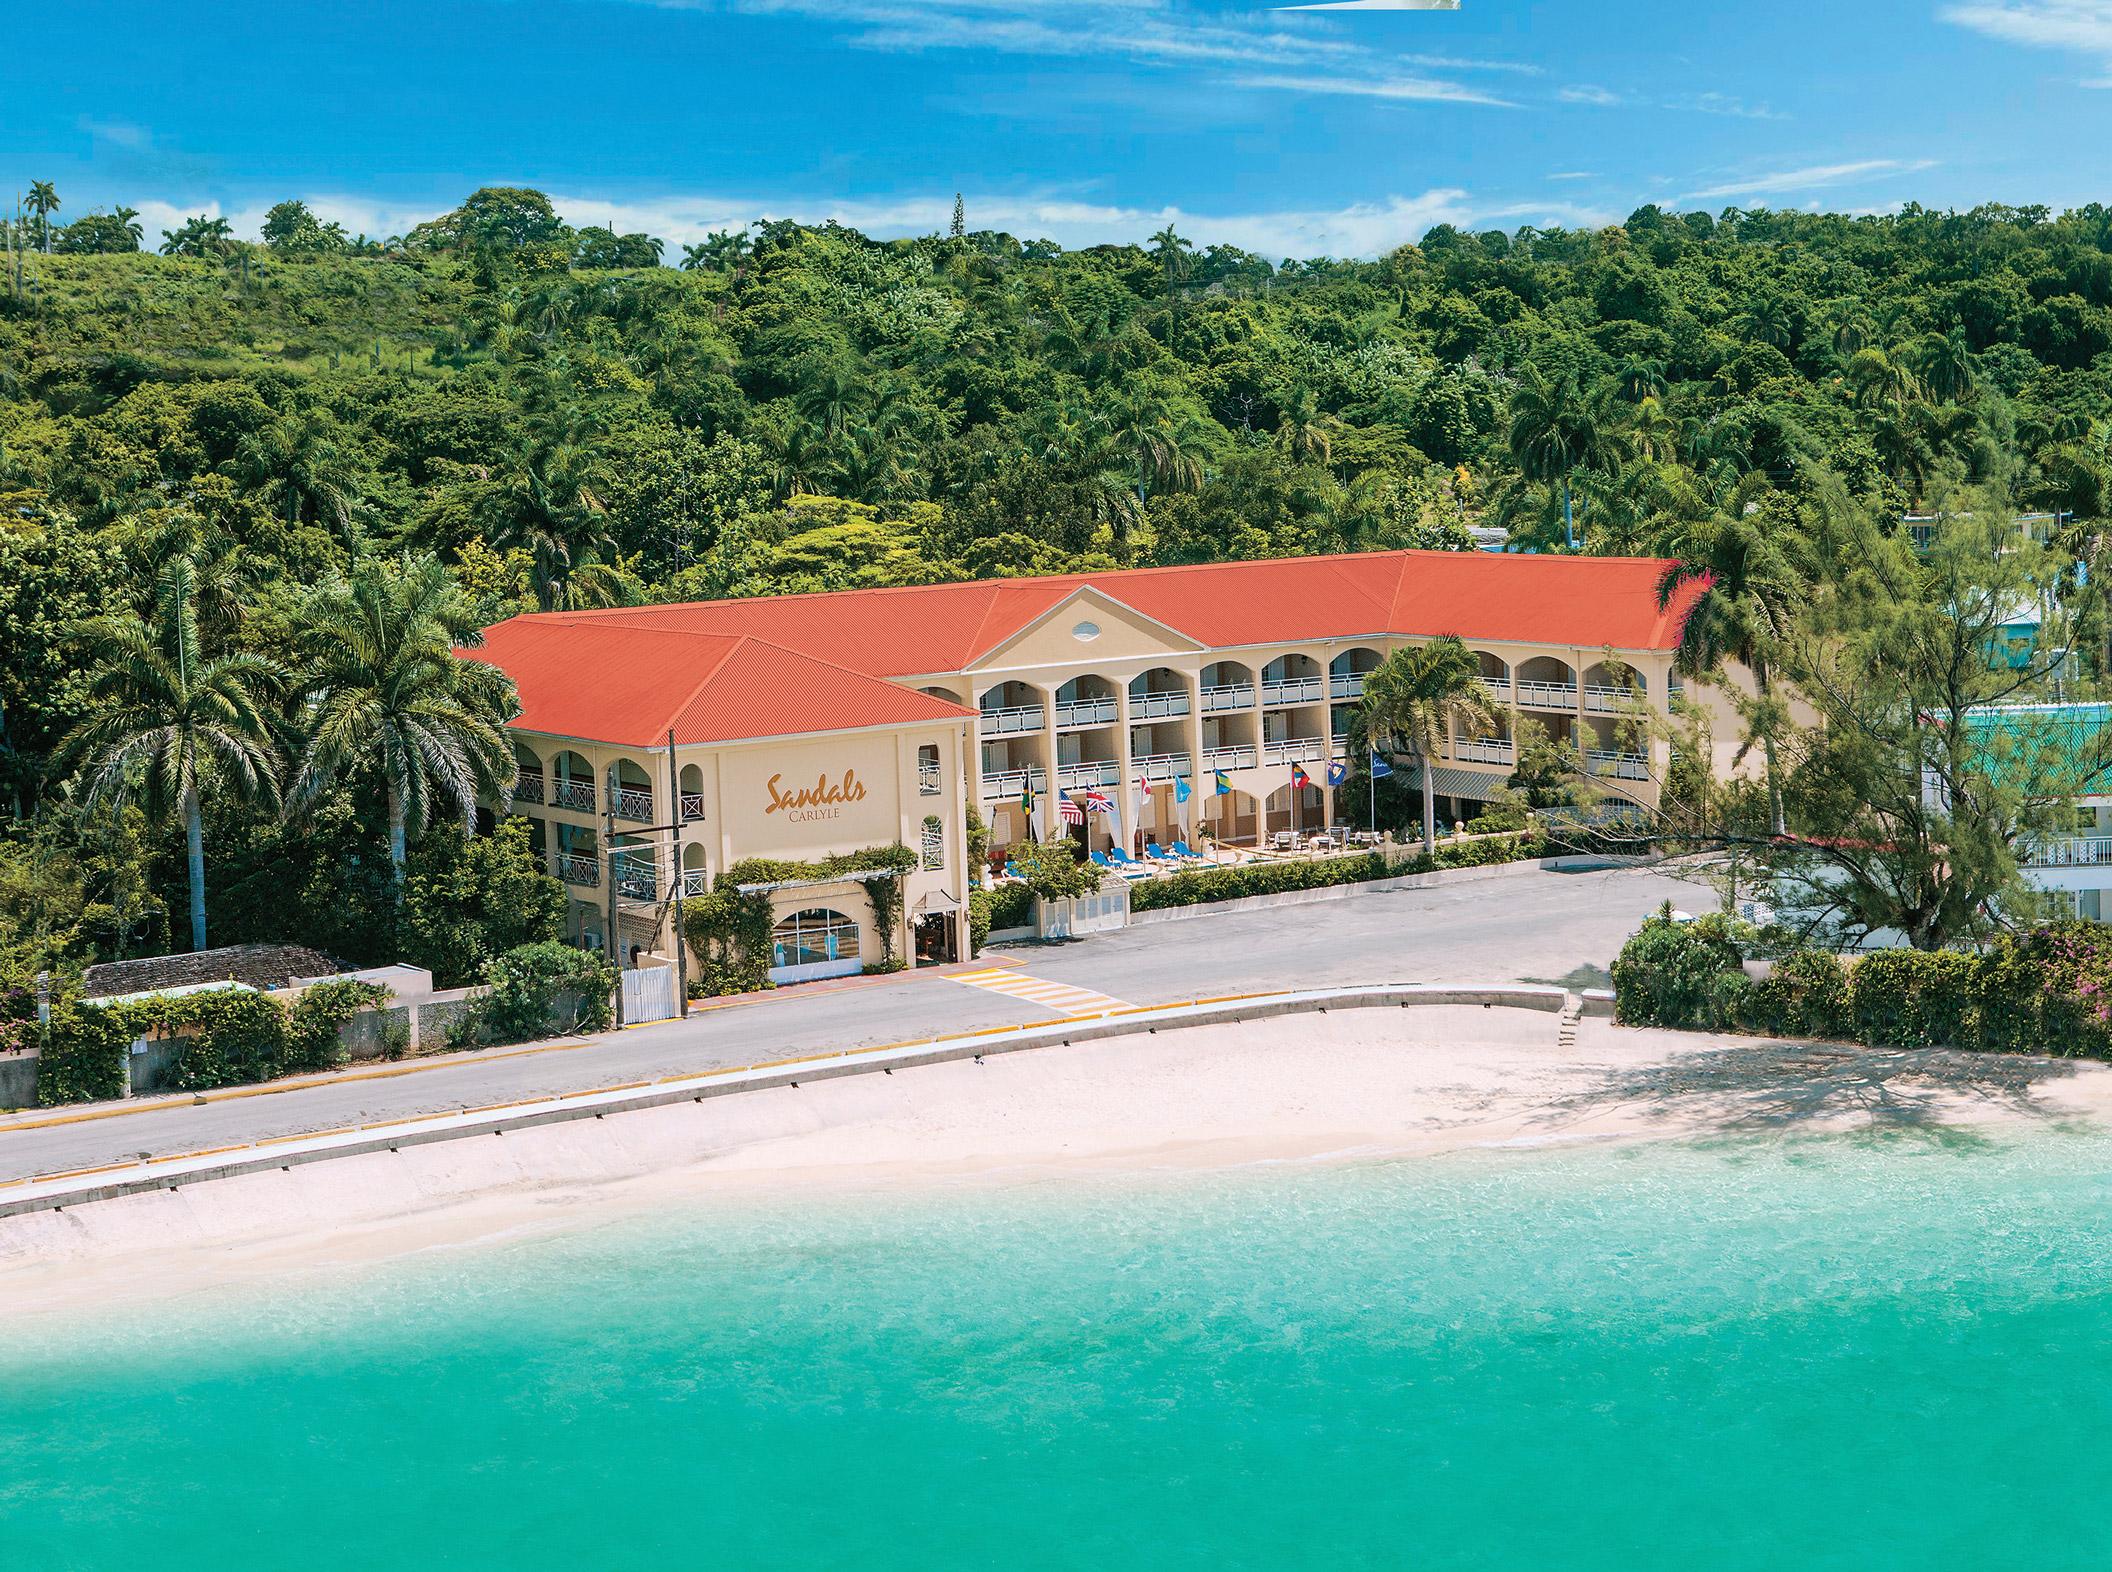 Sandals Inn Montego Bay Transat